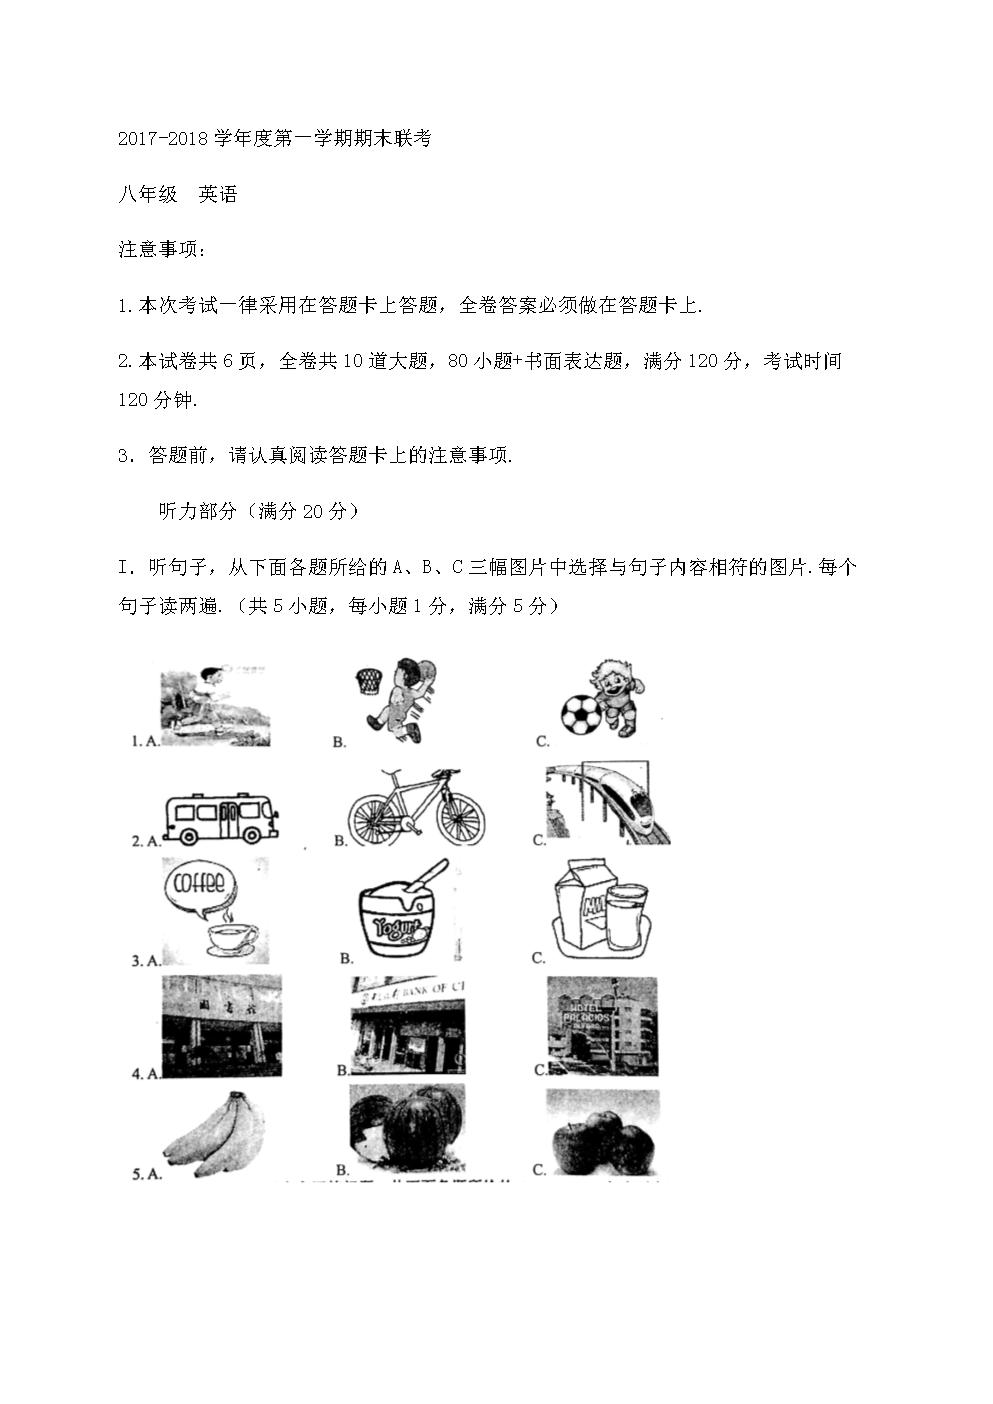 贵州省黔南州2017-2018学年八年级上学期期末联考英语试题.docx